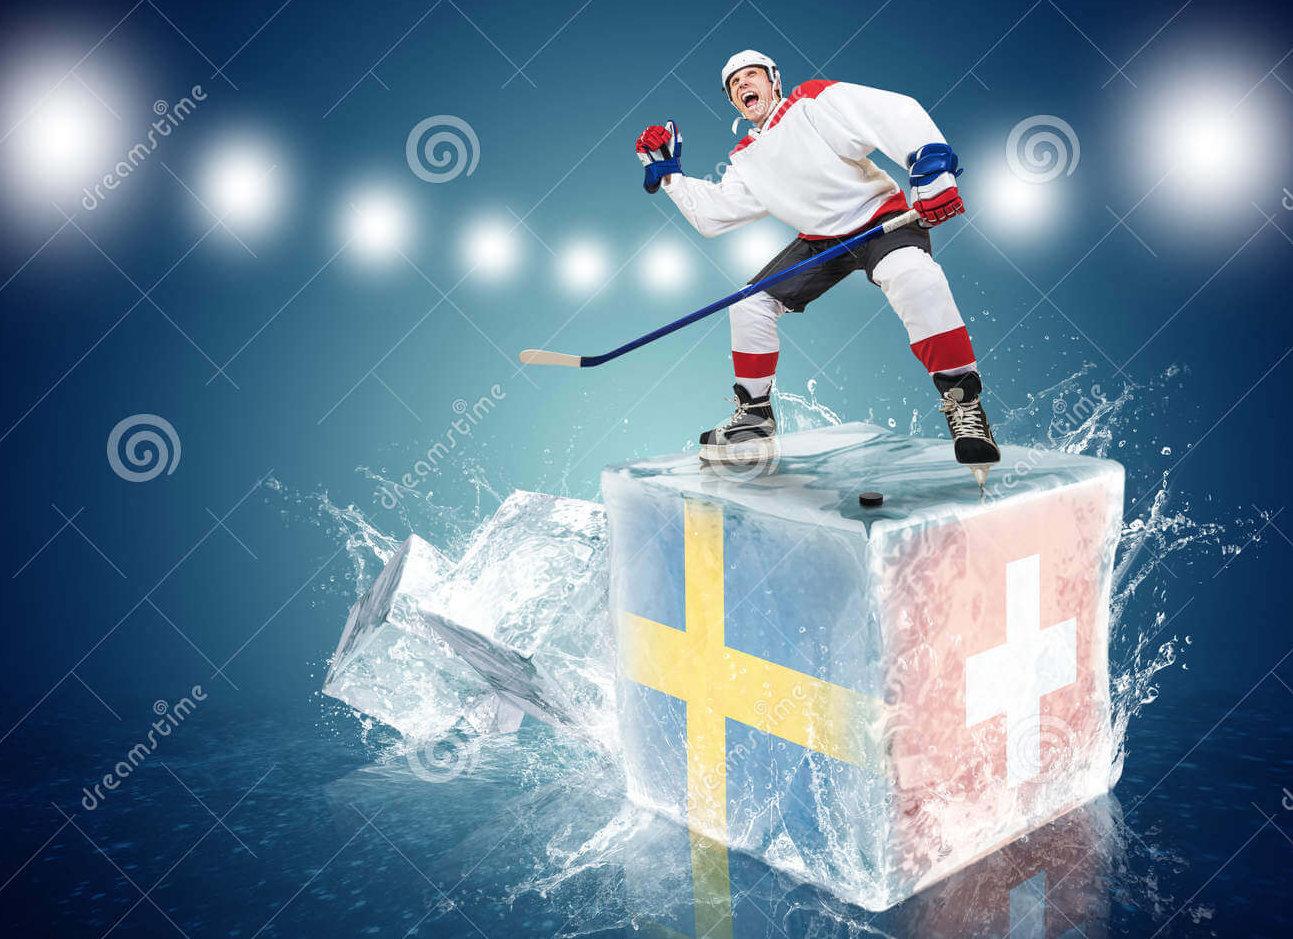 Швейцария - Швеция 29 декабря 2016 года анонс игры МЧМ-2017